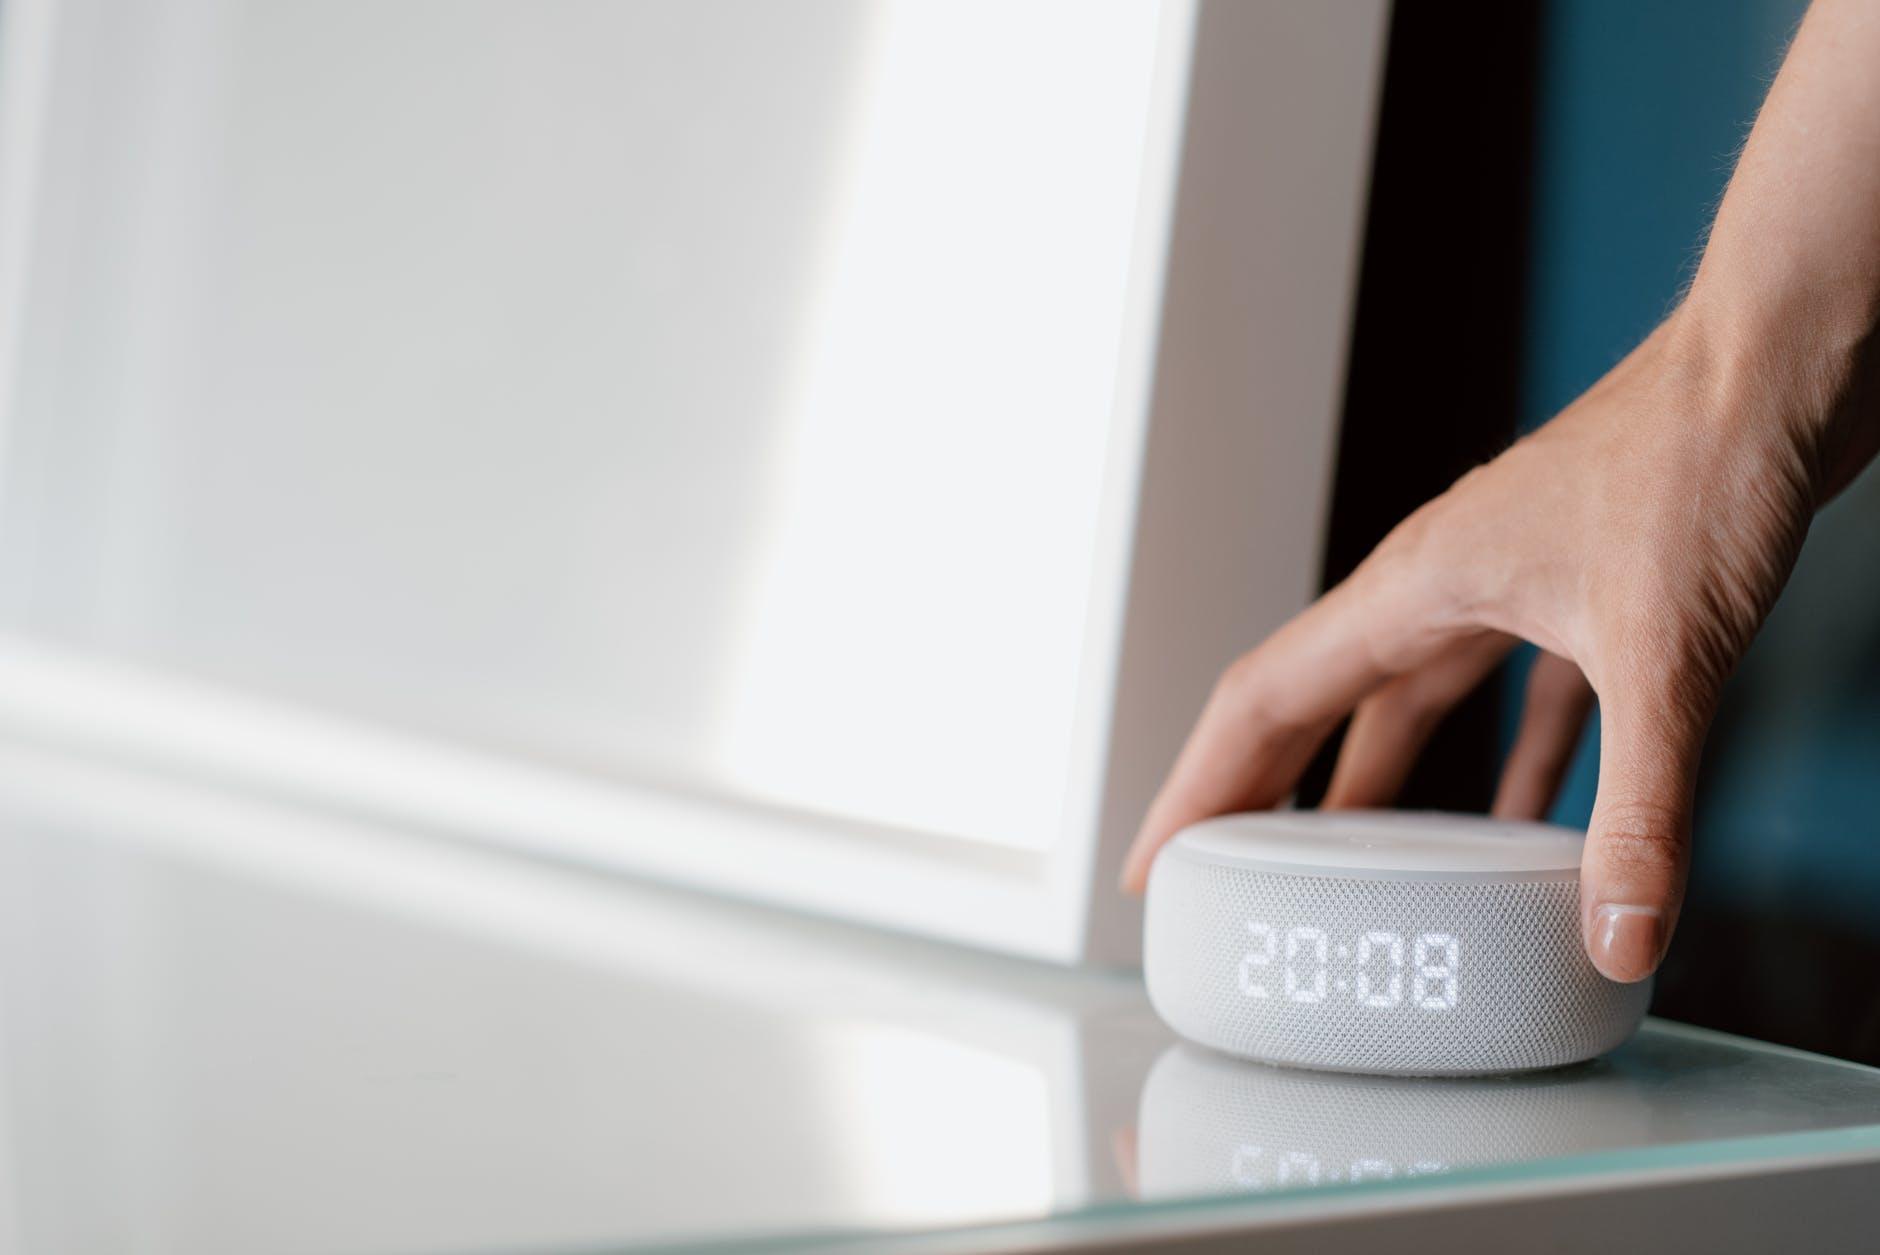 ajustando un smart speaker AlexaDot sobre el escritorio de cristal ecosistema interoperable